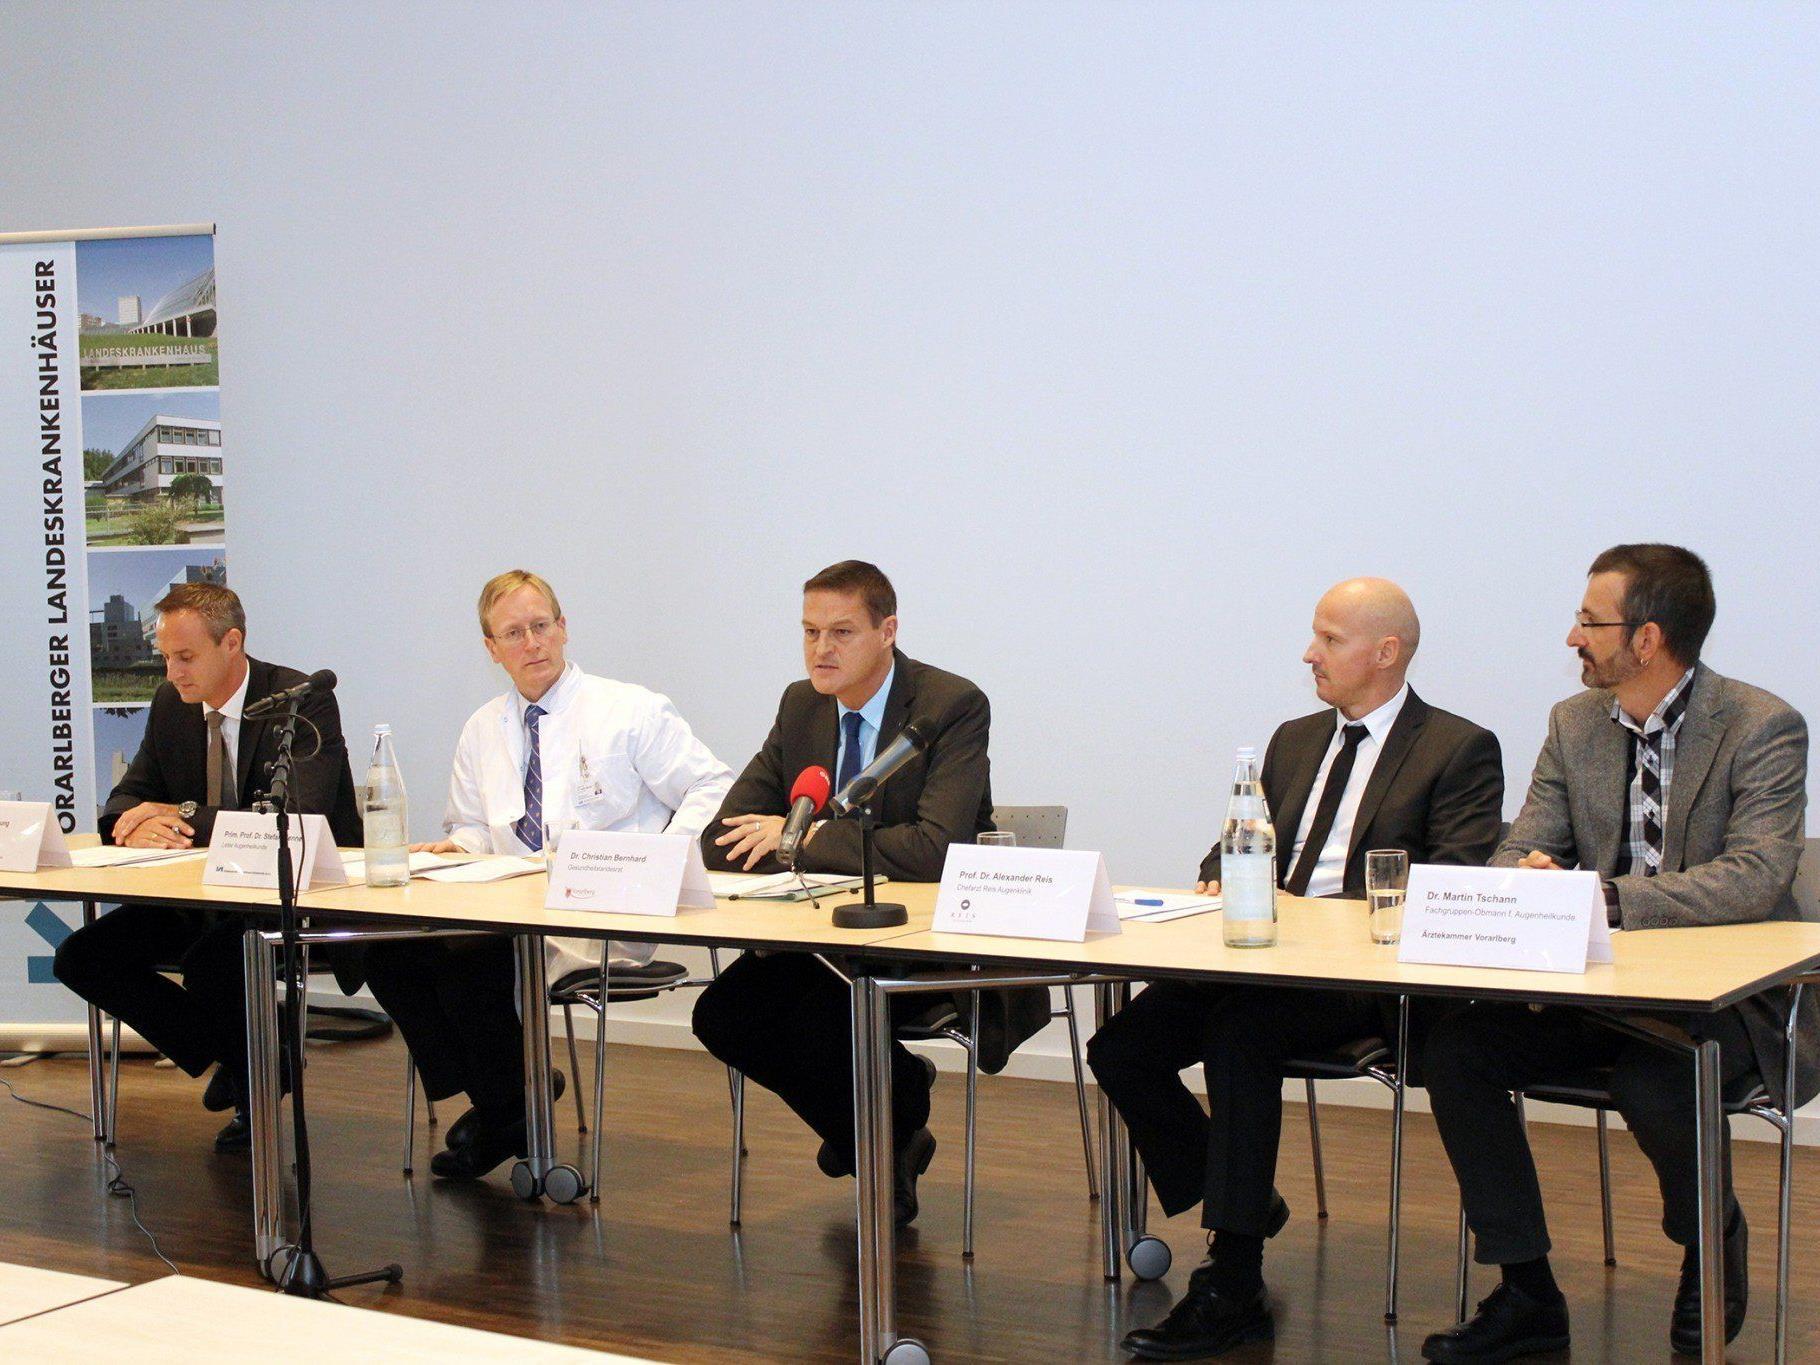 KHBG-Geschäftsführer Till Hornung, Primar Stefan Mennel, Landerrat Christian Bernhard, und die Augenärzte Alexander Reis und Martin (v. links) am Donnerstag bei der Präsentation des Maßnahmenpakets.